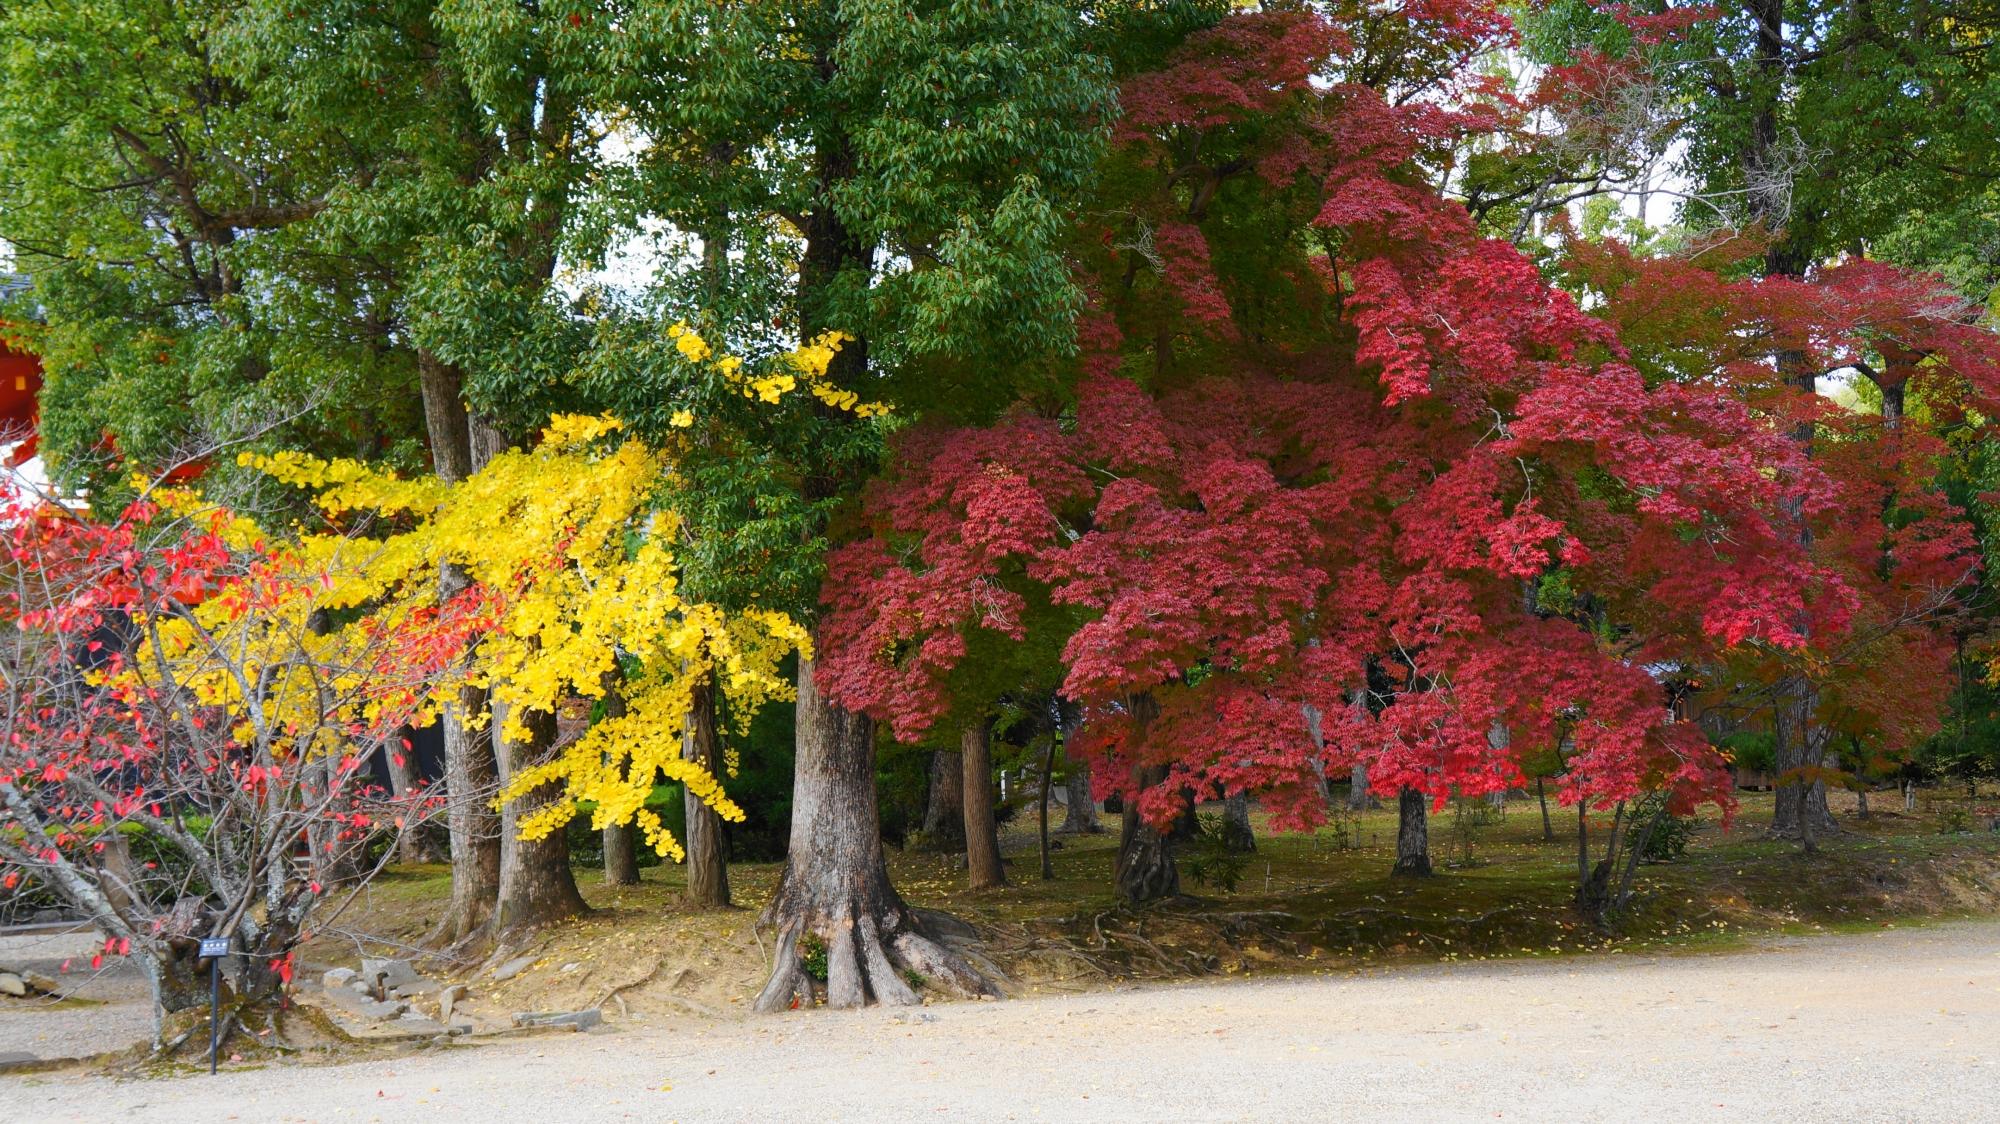 仁和寺の金堂横の見事なコントラストの赤い紅葉と黄色い銀杏